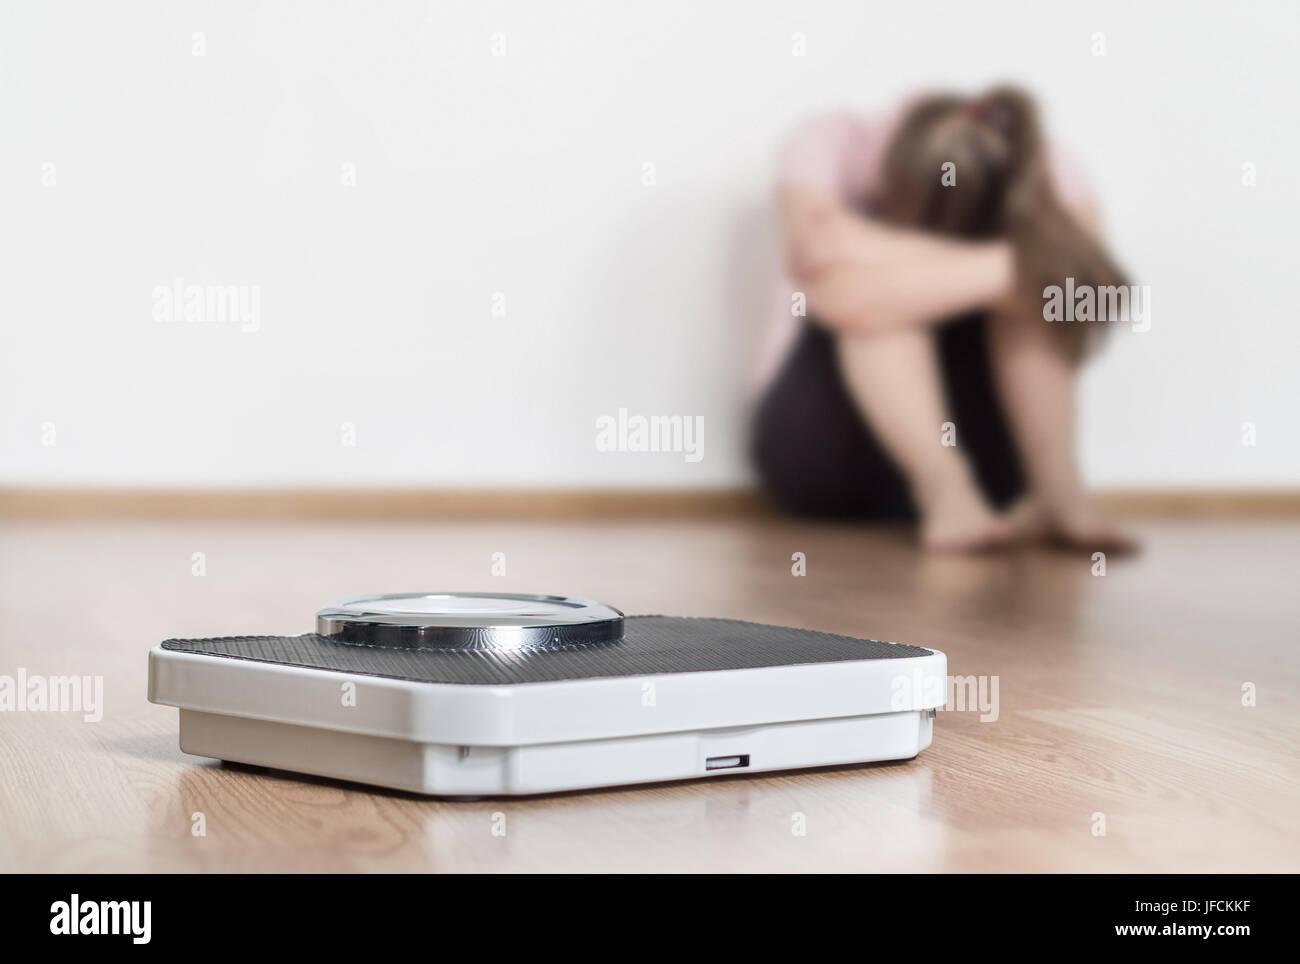 Pérdida de peso fallan concepto. Escala y deprimido, frustrado y triste mujer sentada en el suelo sujetando Imagen De Stock